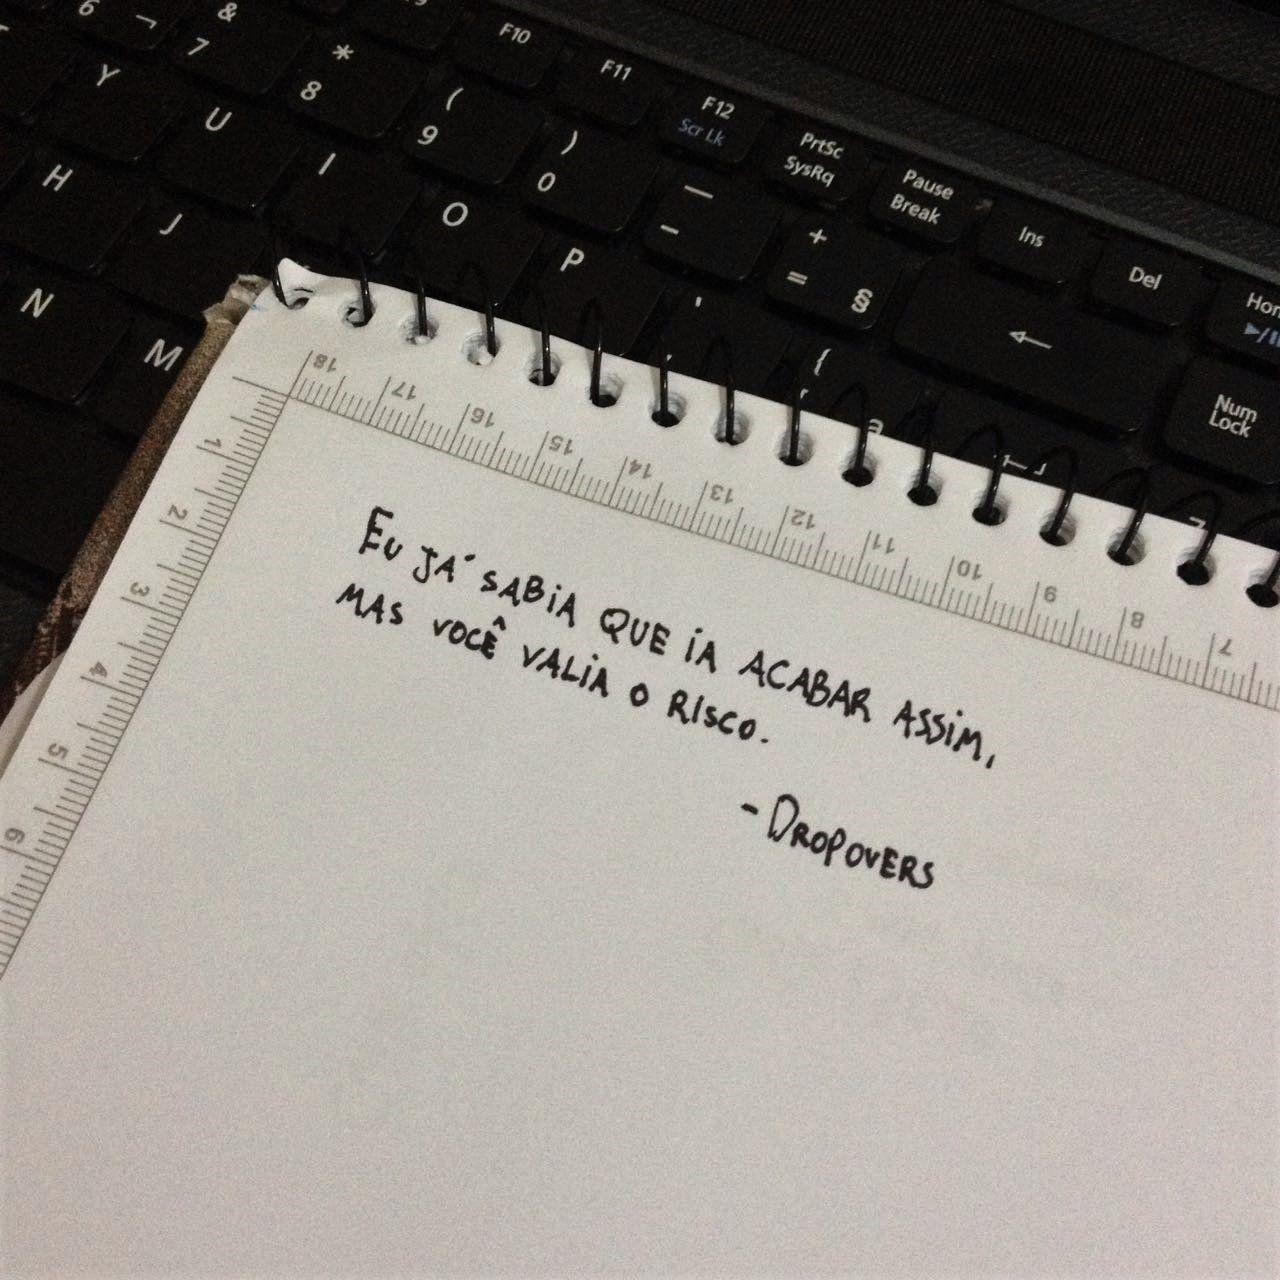 ☁ SOS status ☁